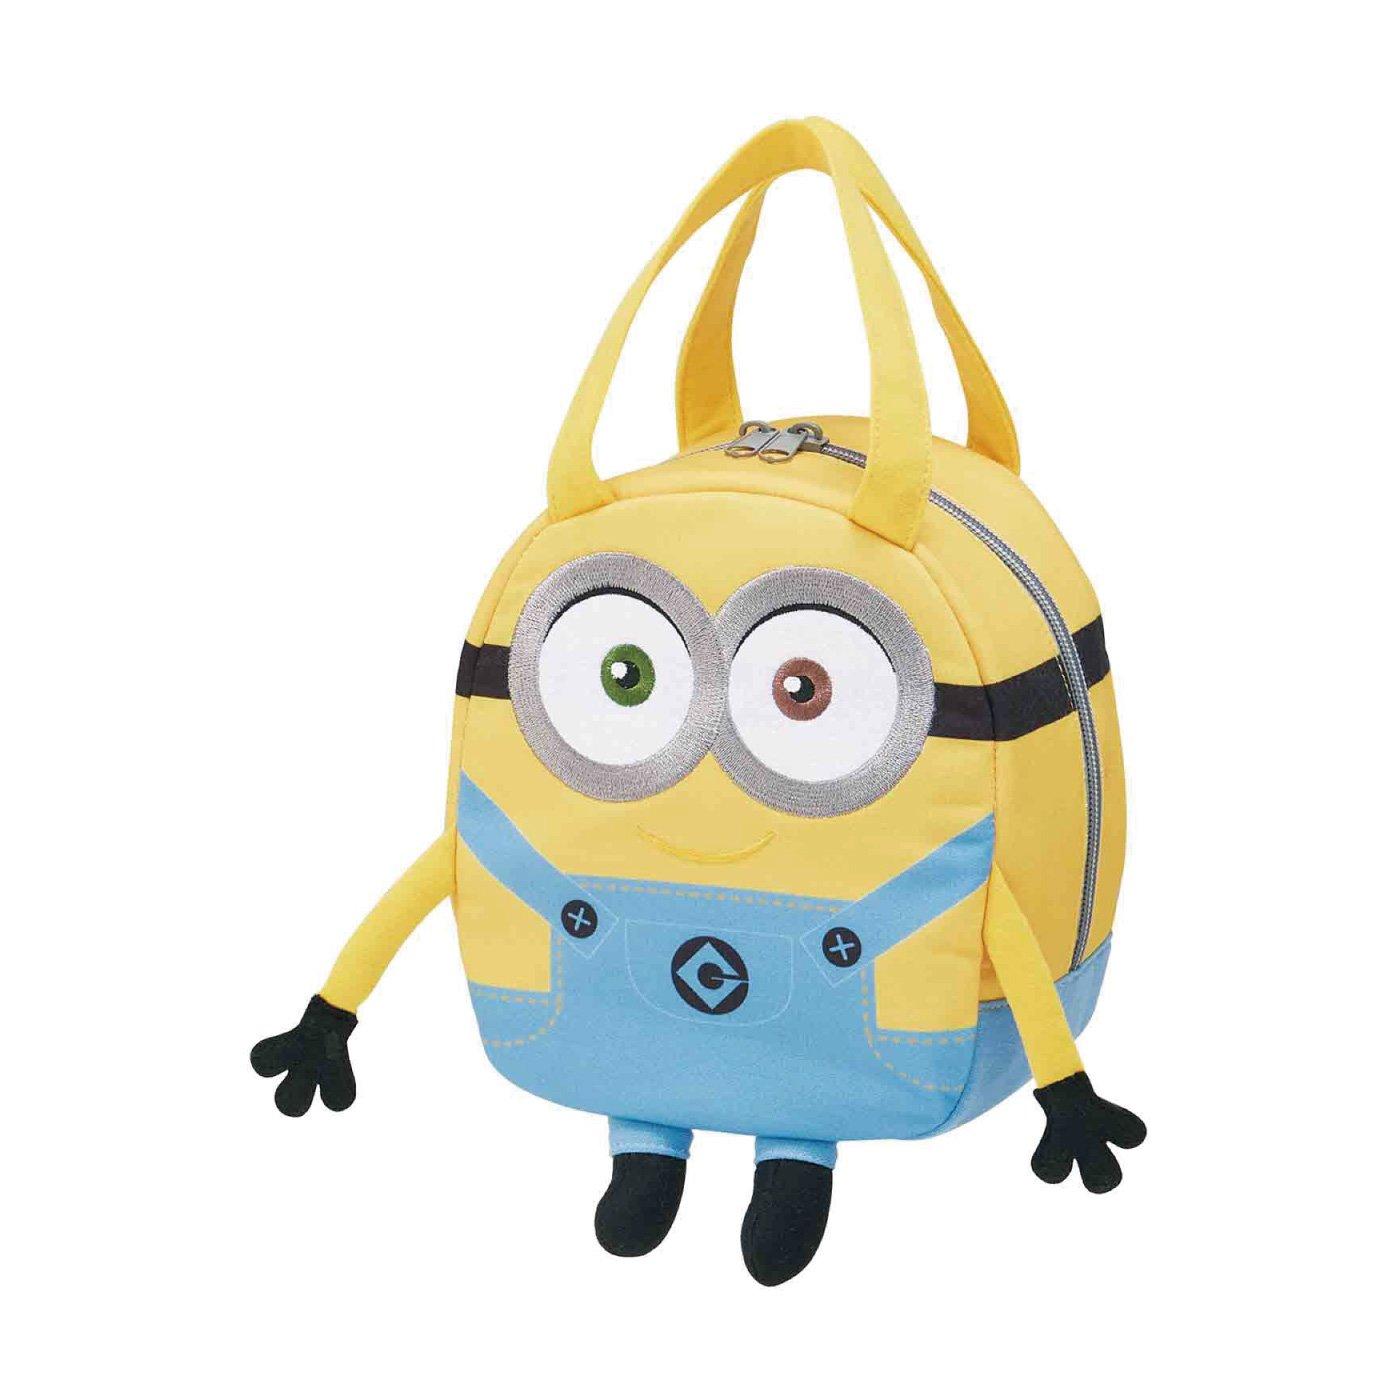 おでかけも、ミニオンと一緒! ミニオン スウェット素材バッグ